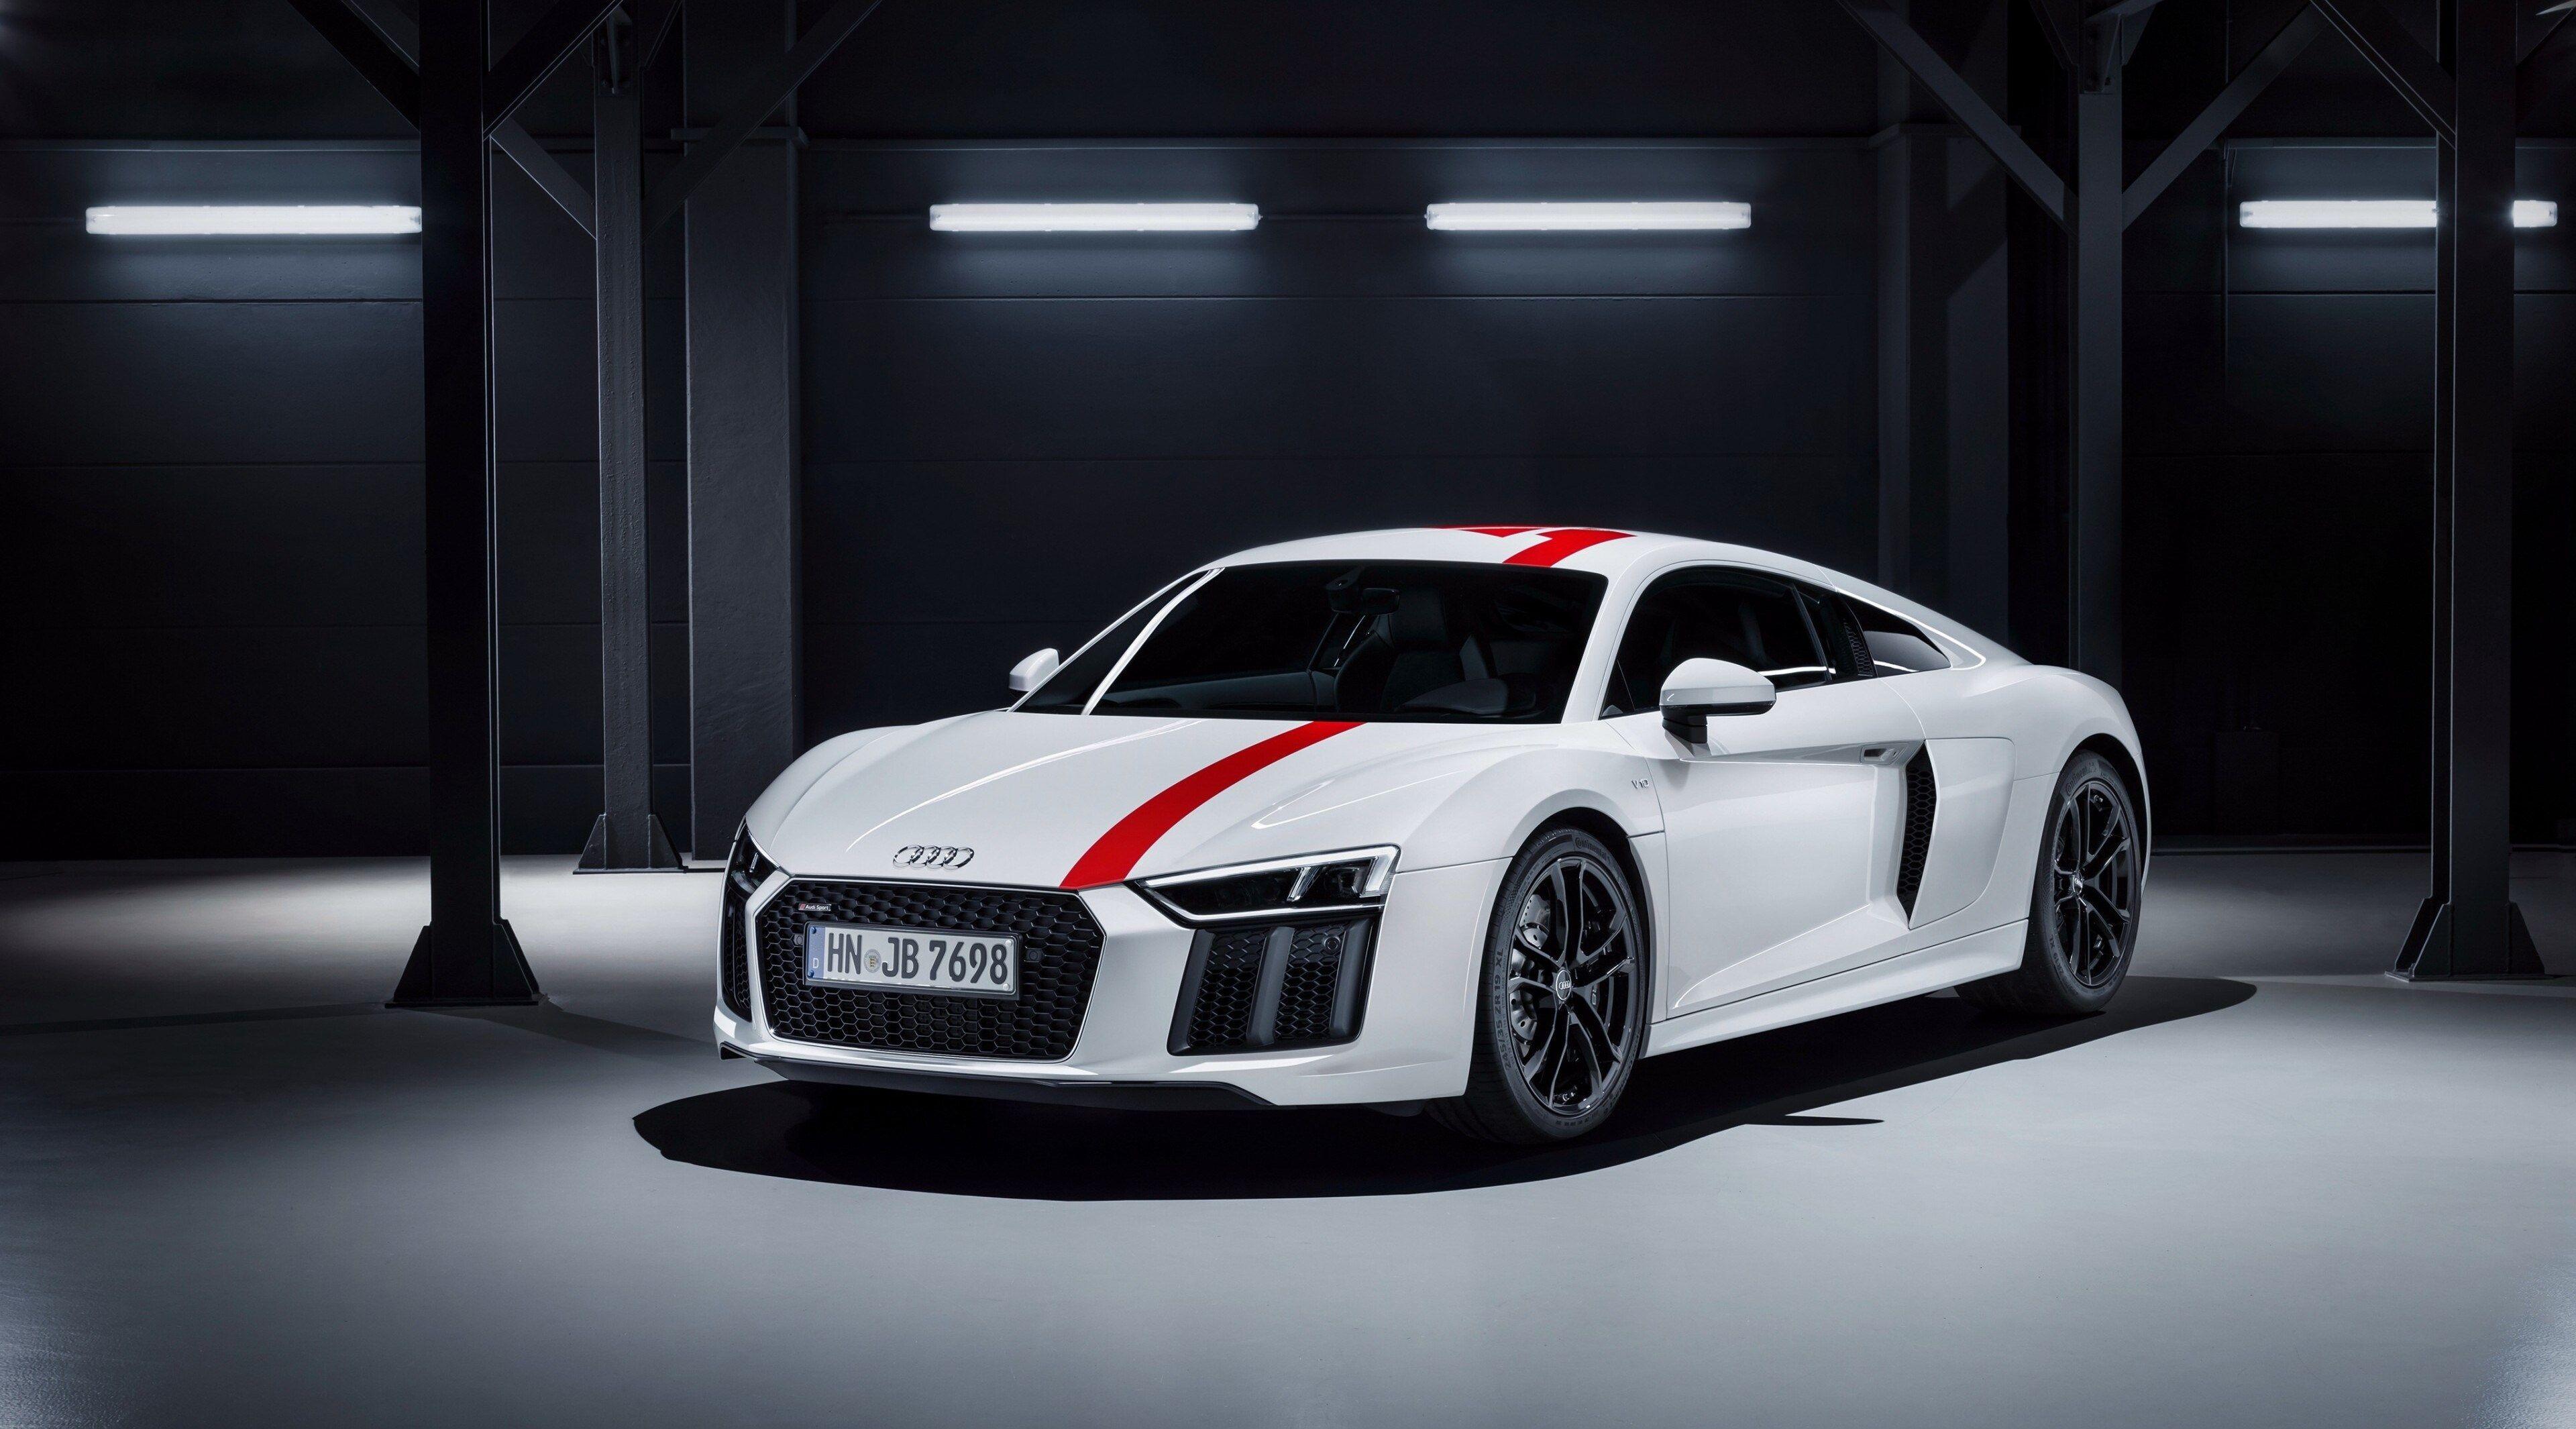 3840x2130 Audi R8 V10 Rws 4k Hd Free Wallpaper Audi Sports Car Audi R8 V10 Audi R8